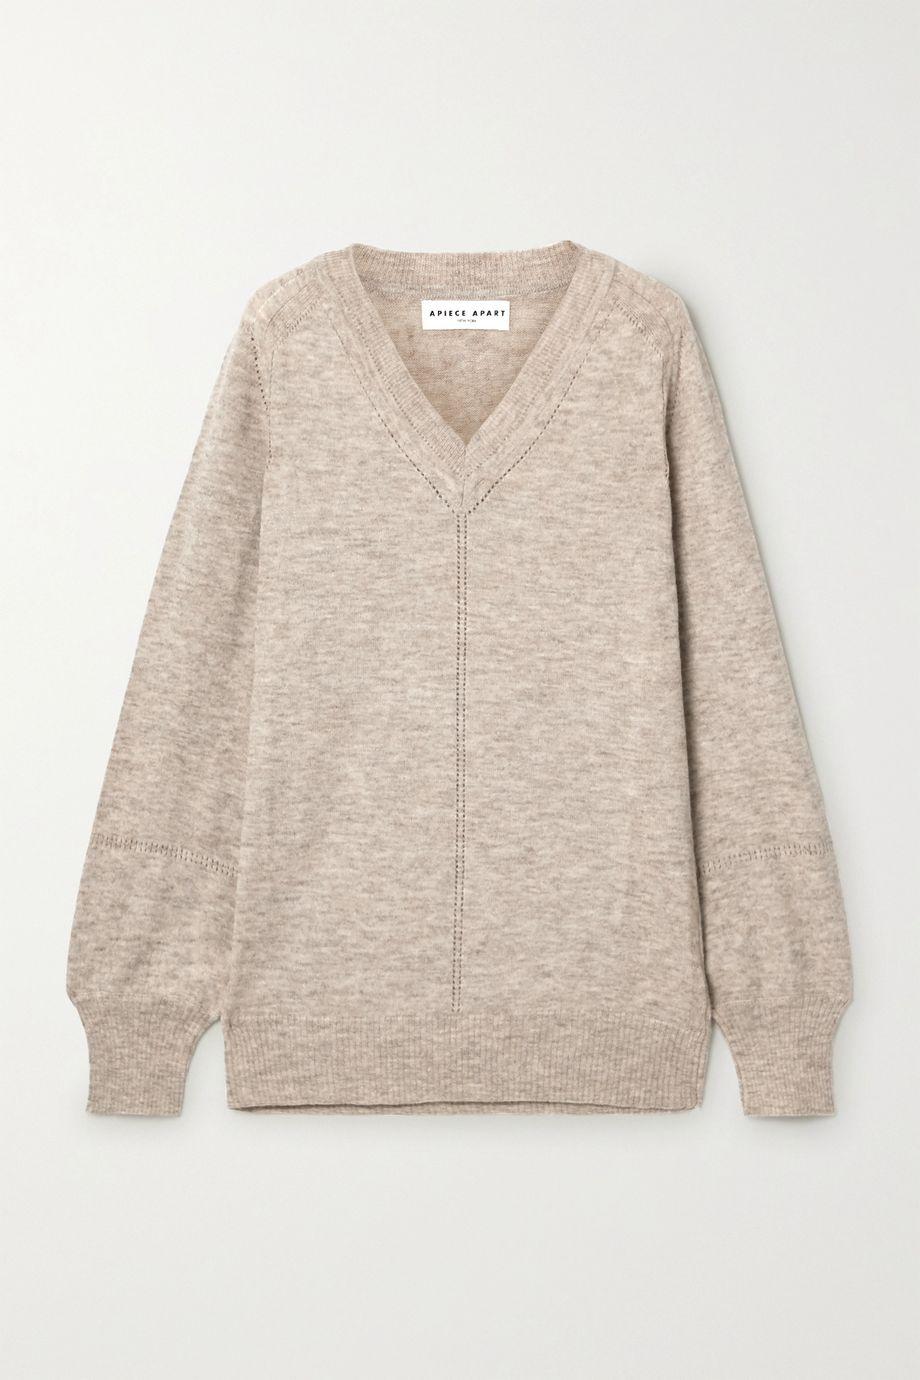 APIECE APART Gabriel oversized mélange alpaca-blend sweater